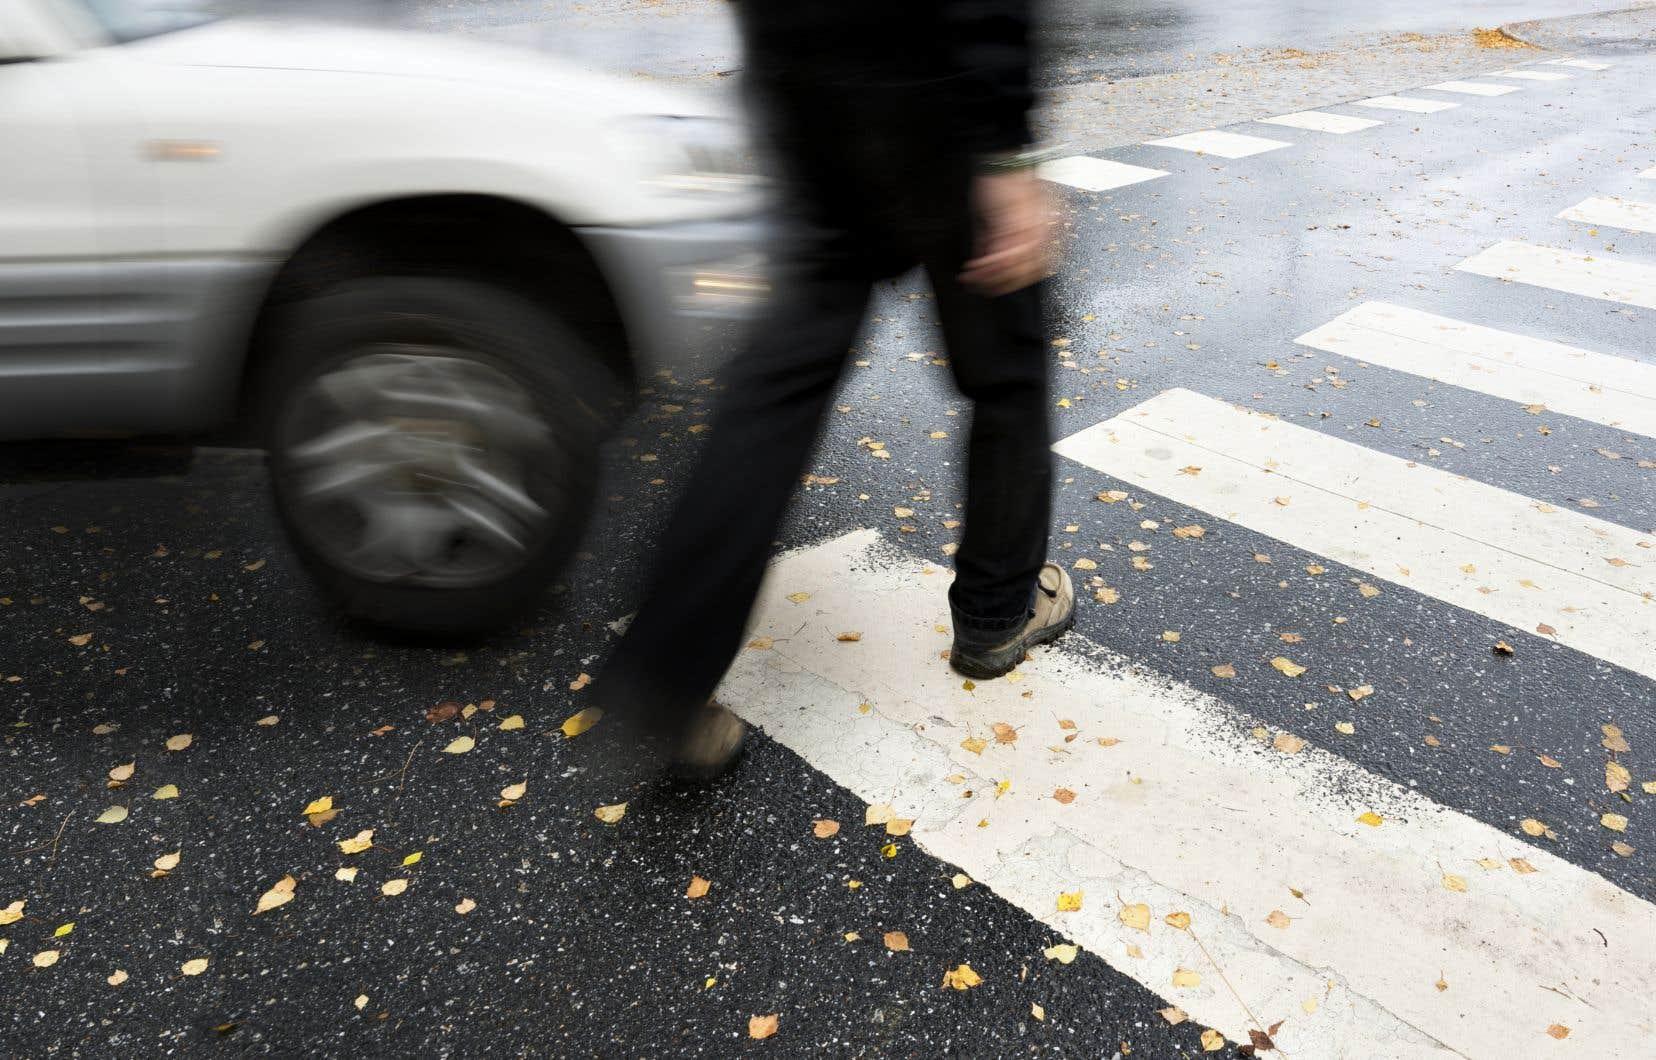 Les citoyens réclament des infrastructures sécuritaires — et pas seulement pour se déplacer en voiture.